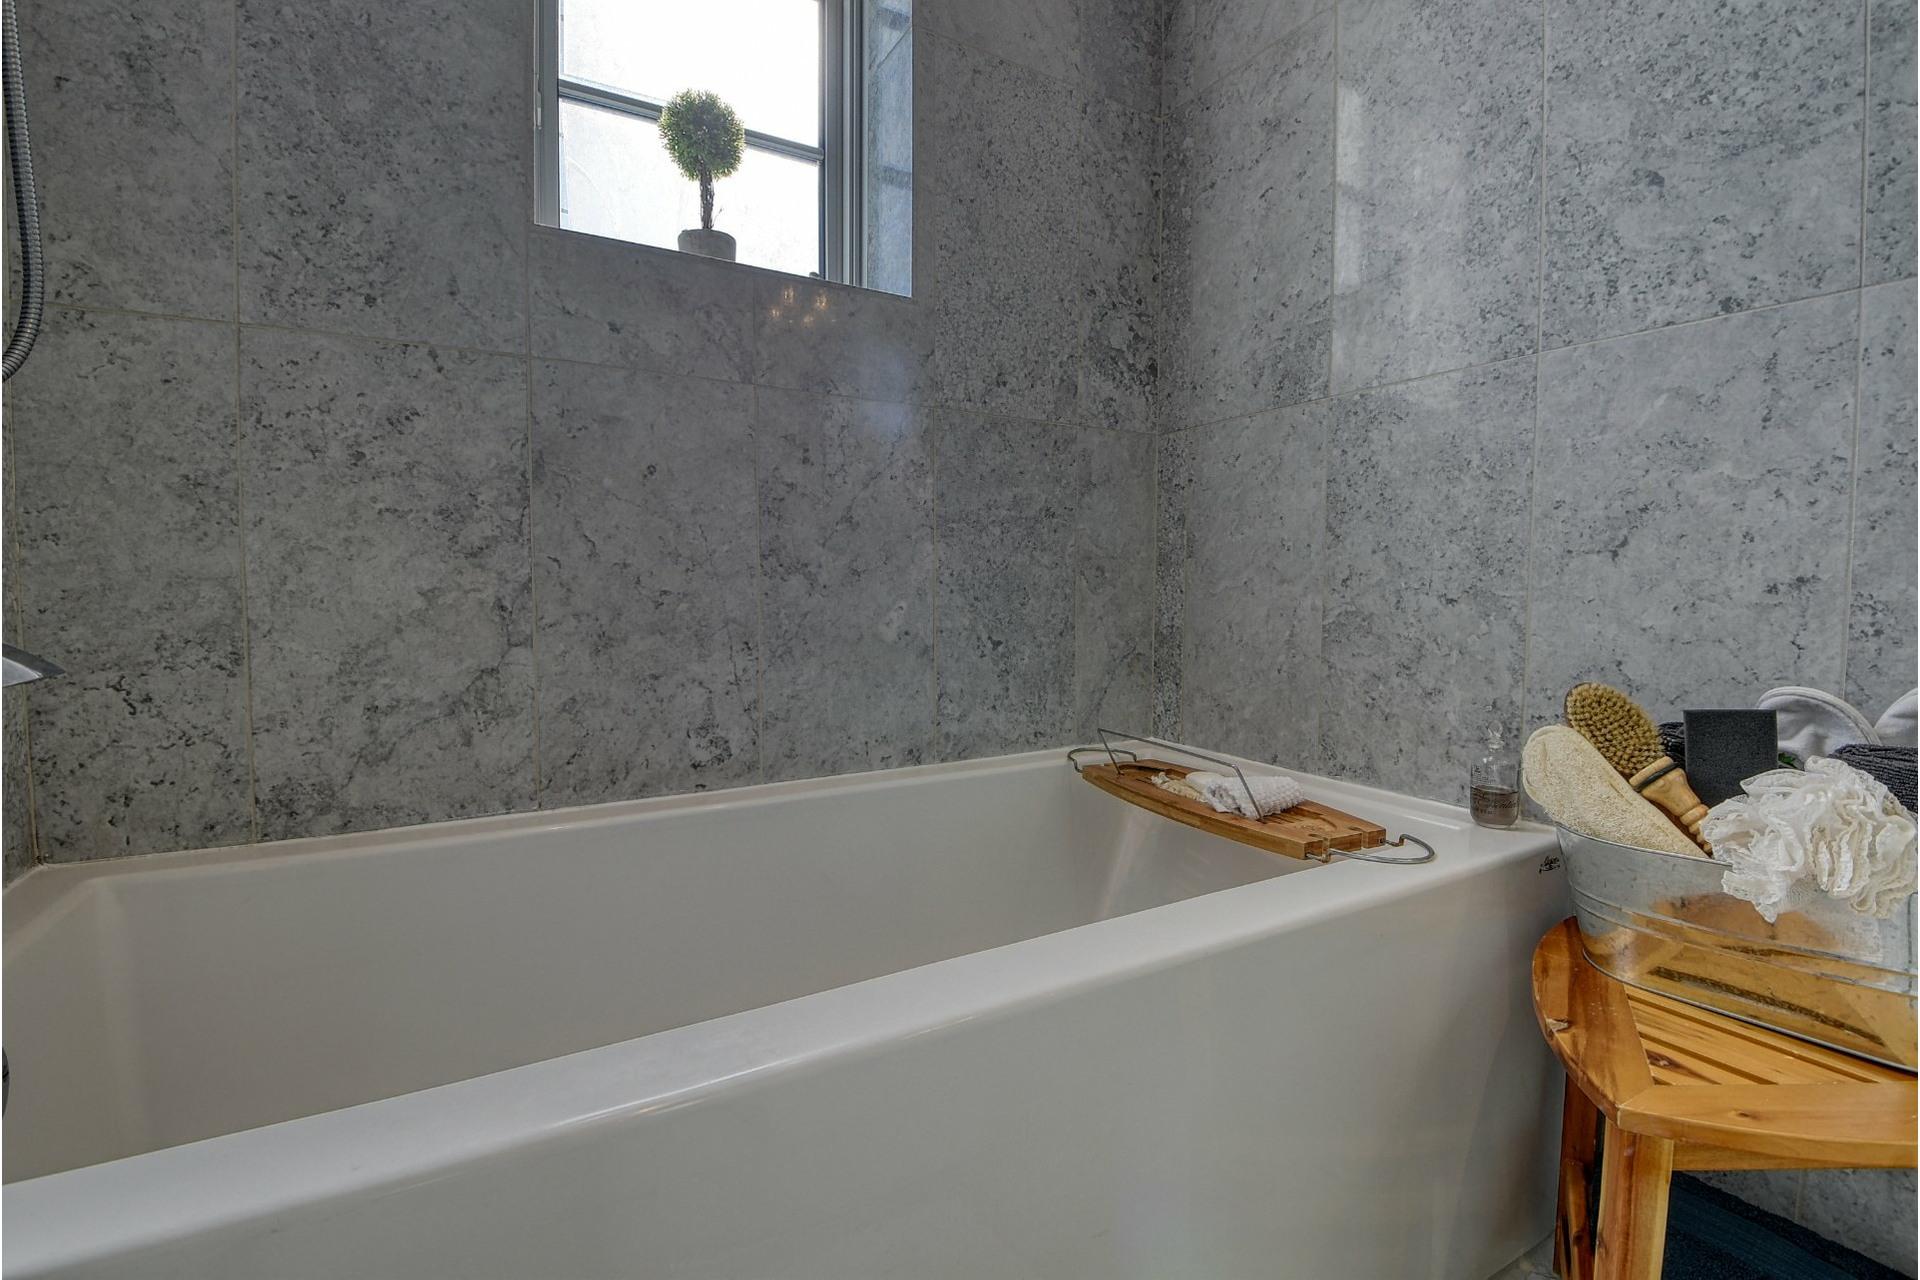 image 15 - Apartment For sale Côte-Saint-Luc - 5 rooms